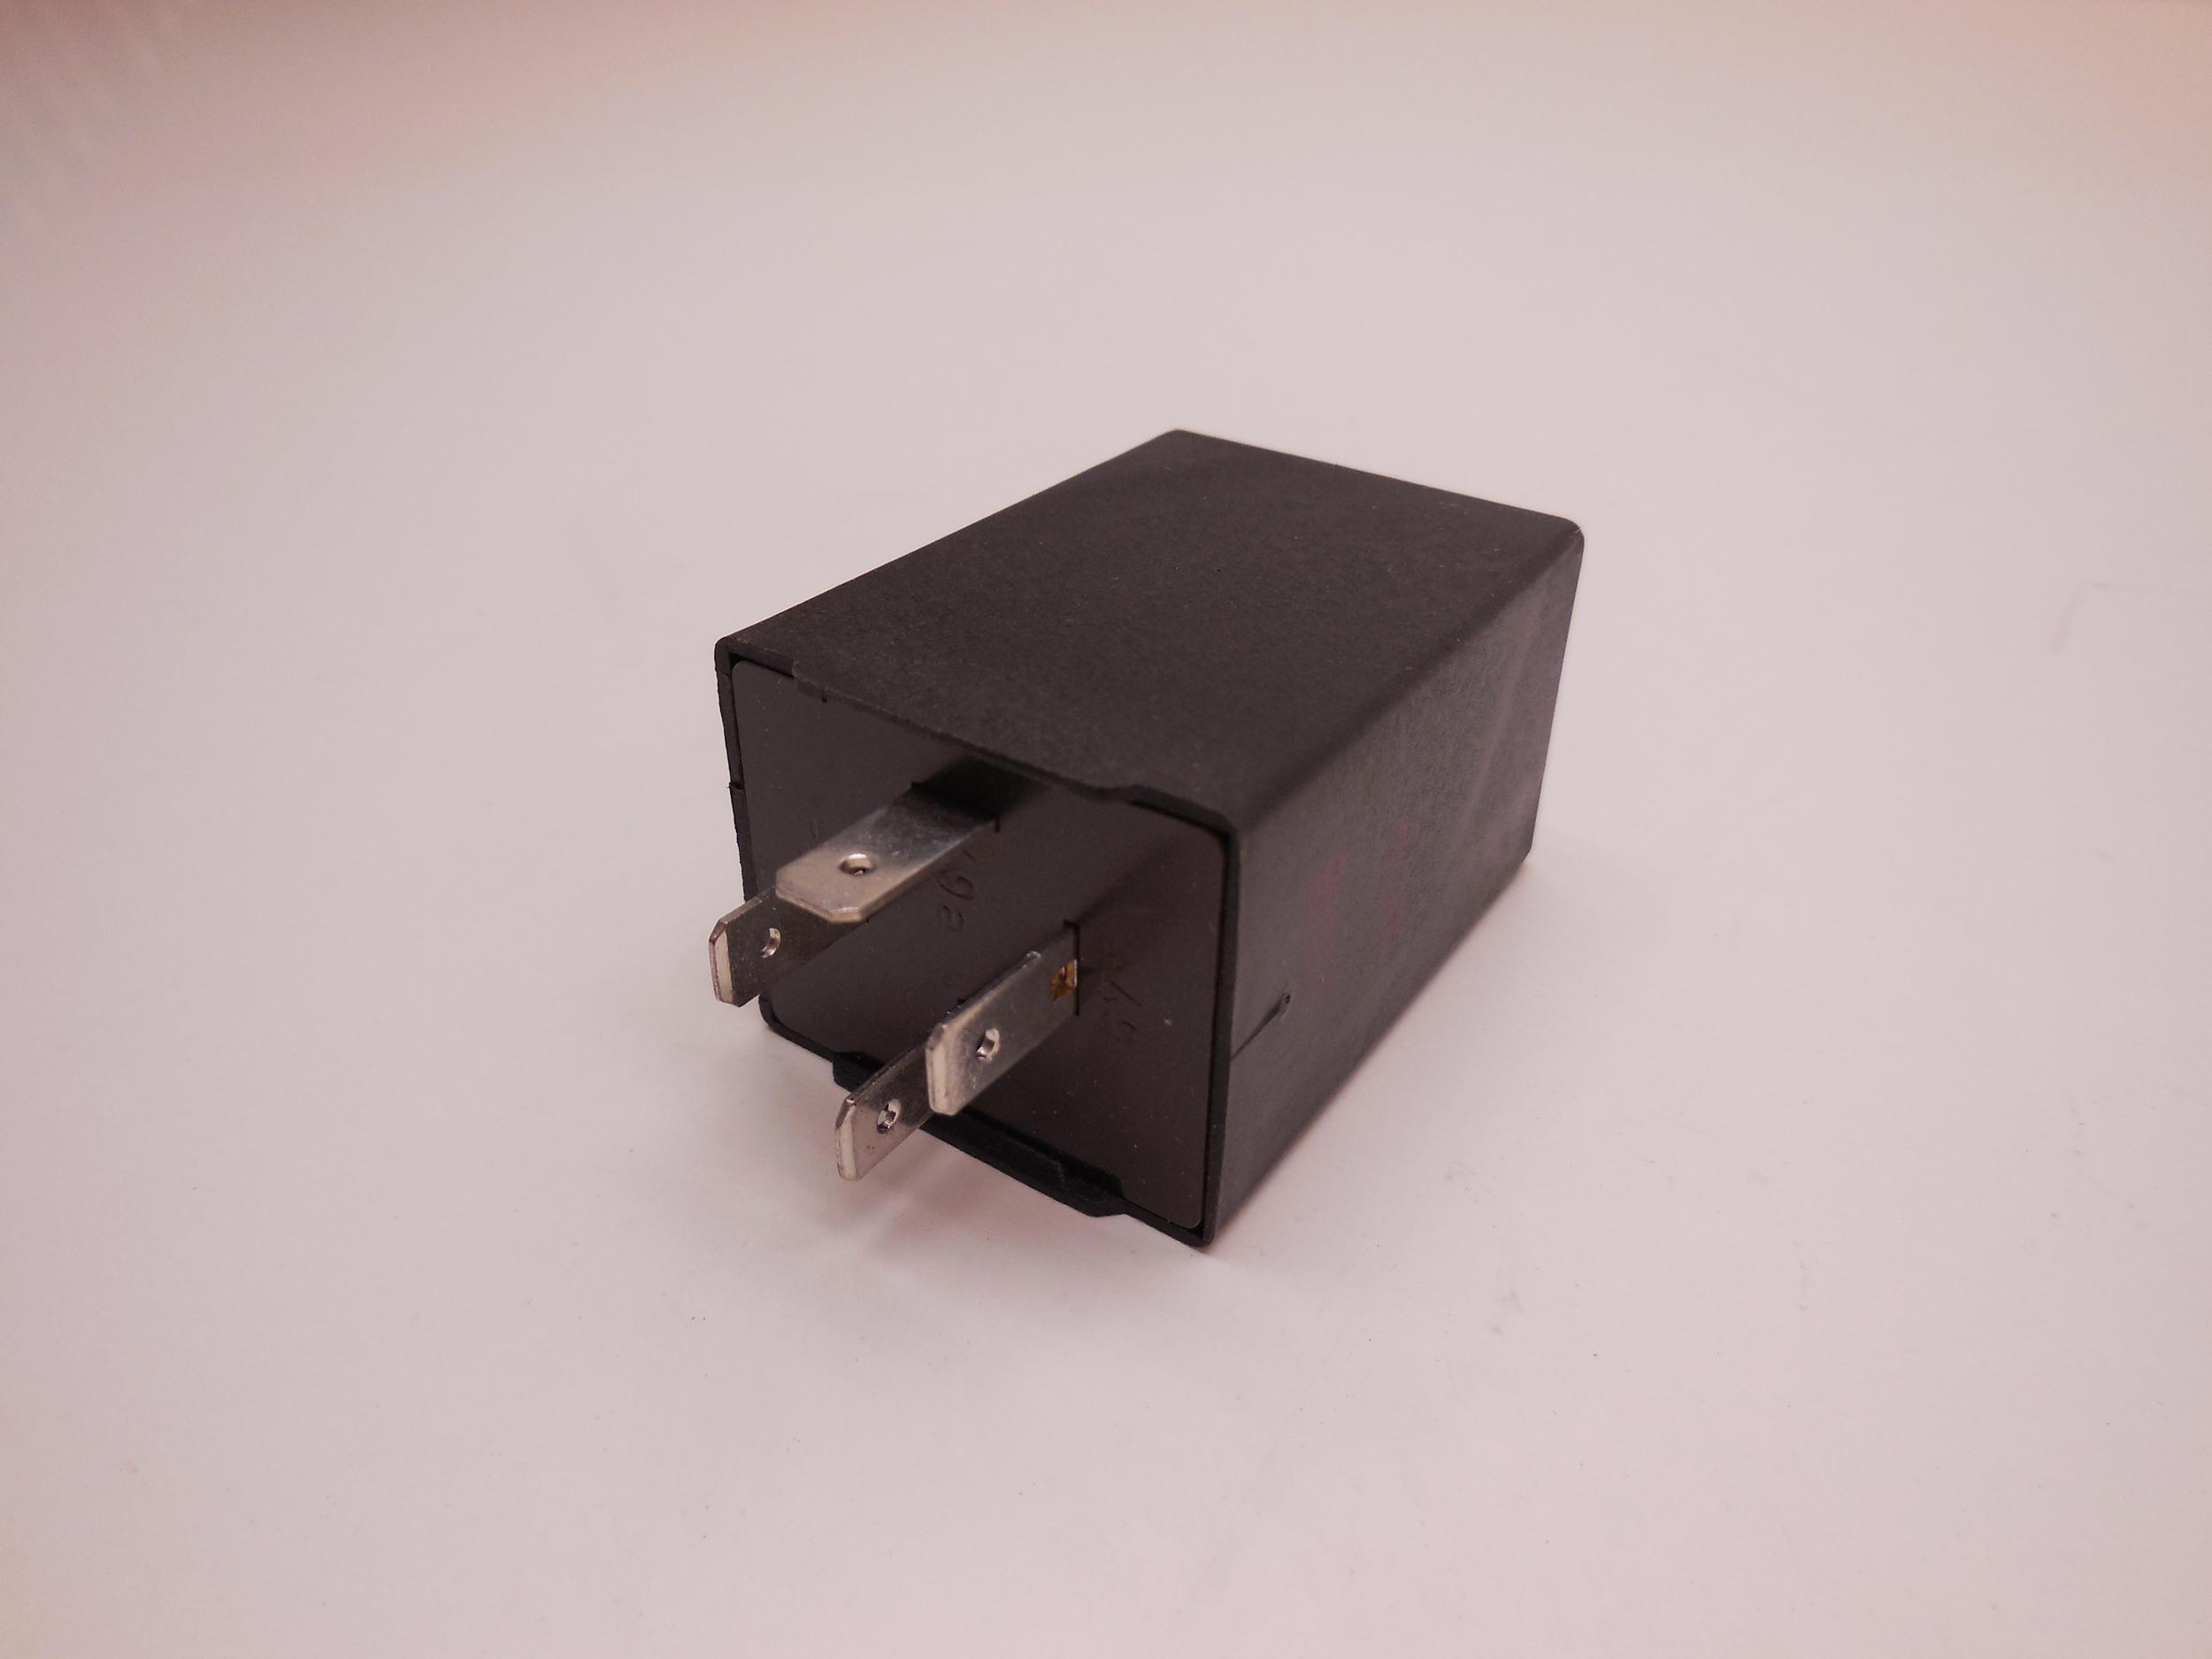 flasher relay Häggo Nr: 5634 4132-124 price: